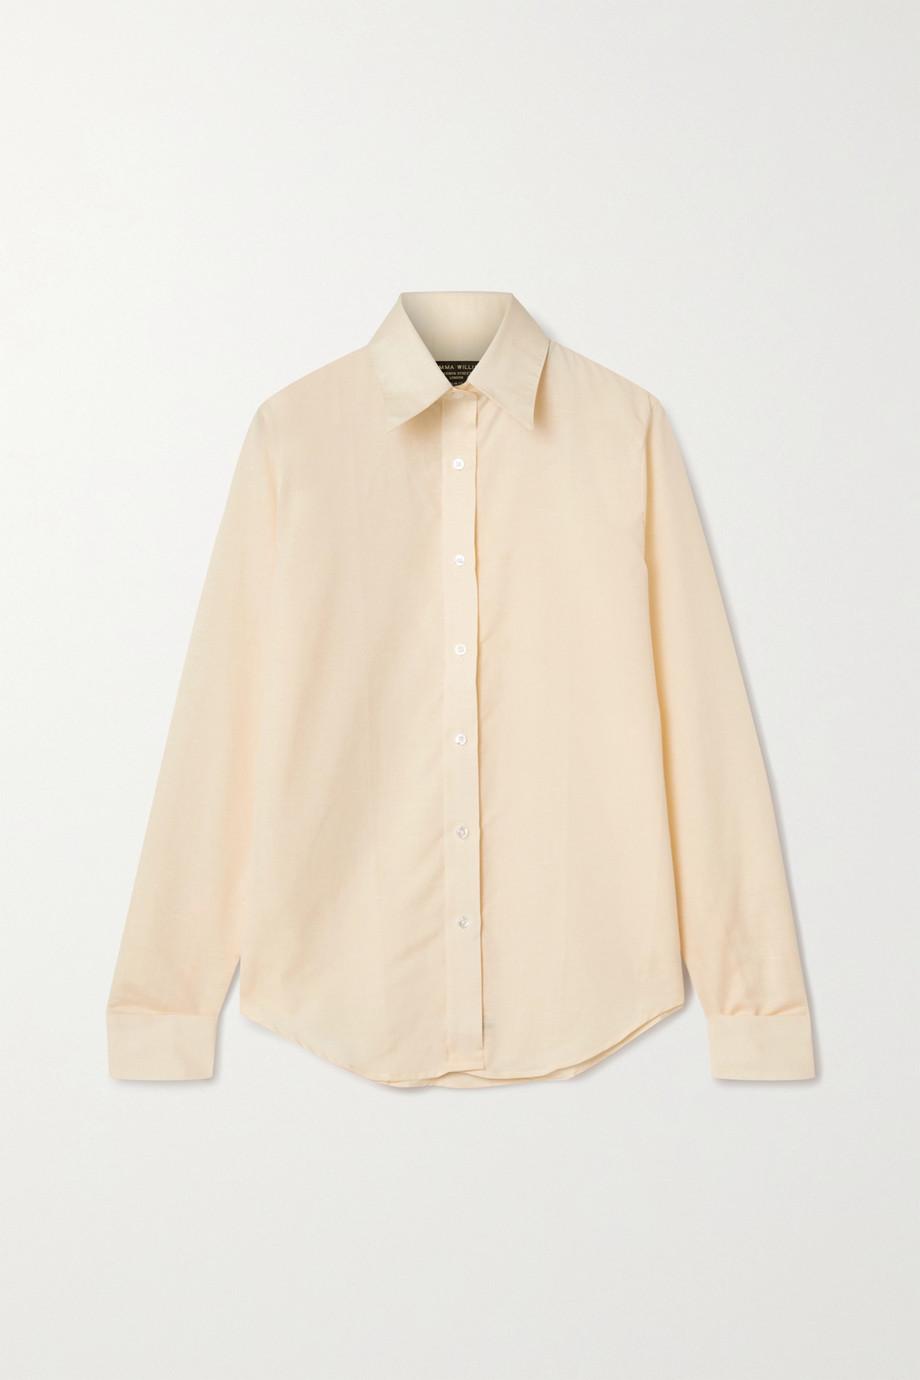 Emma Willis Zepherlino Hemd aus Baumwolle